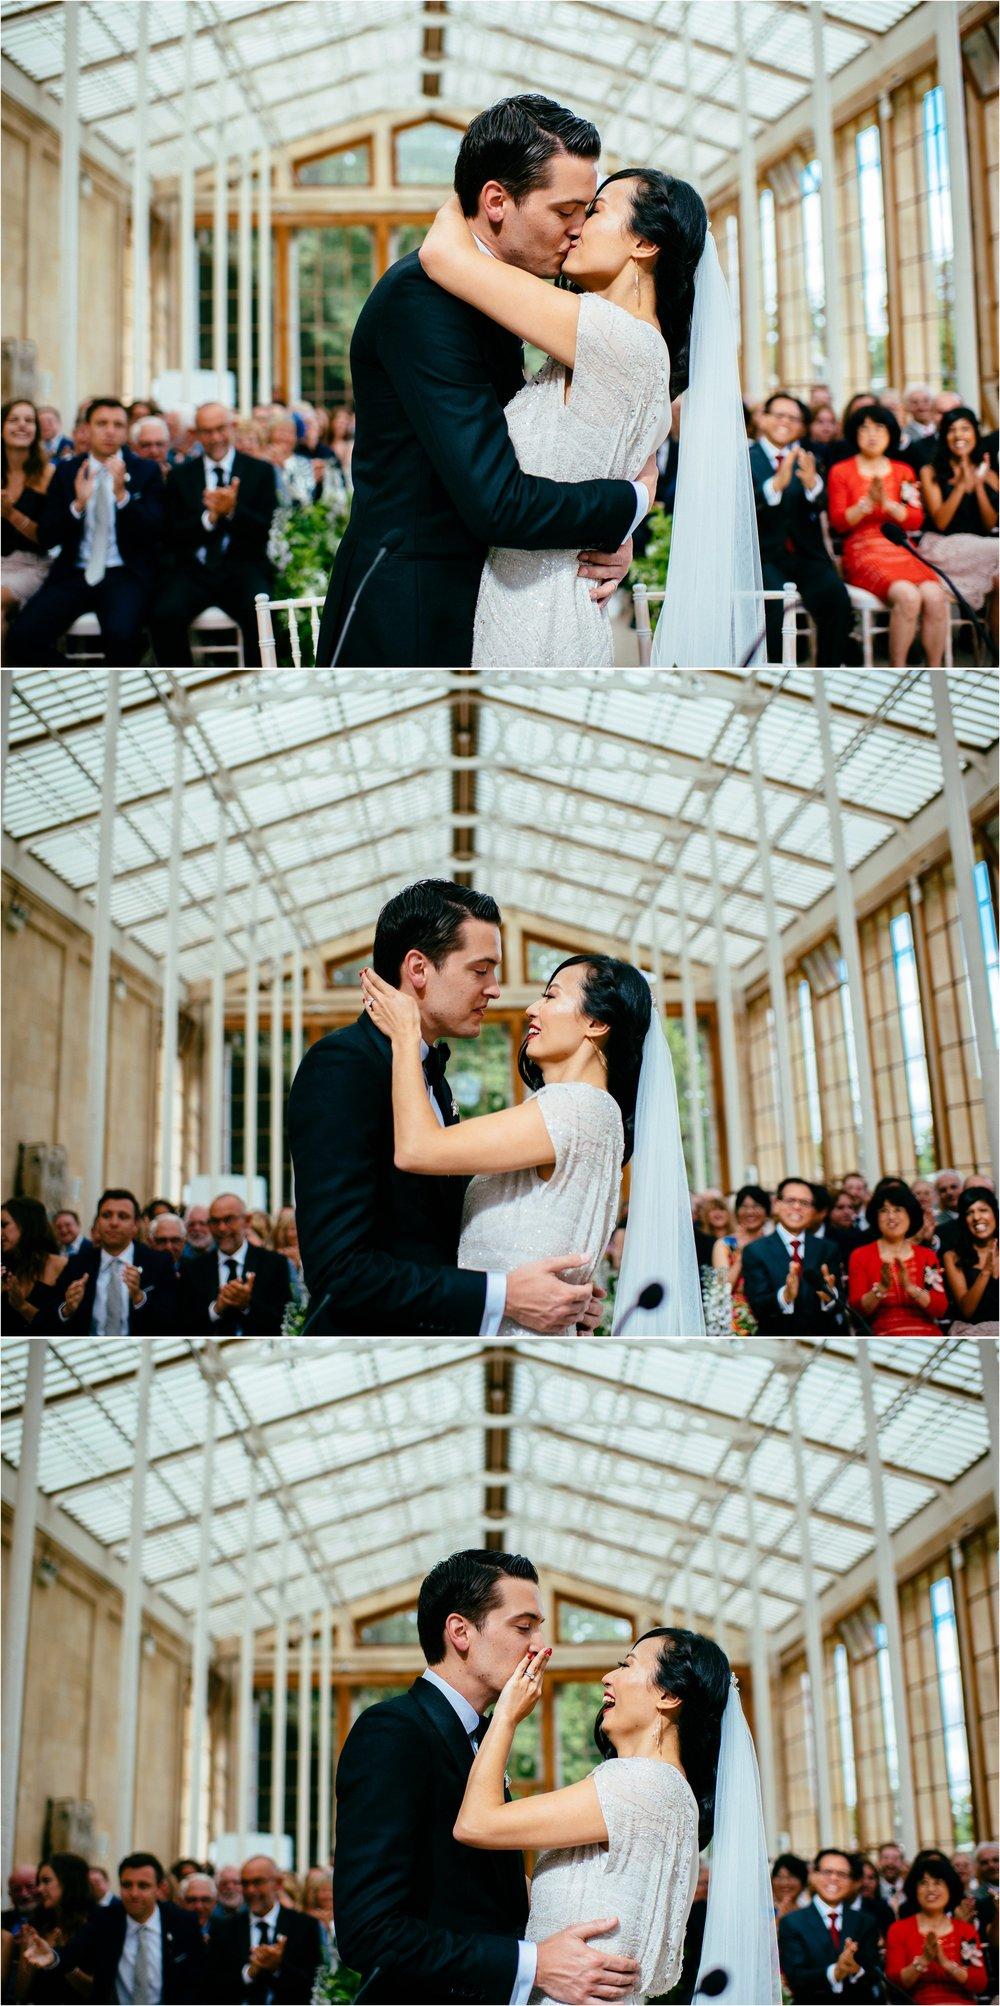 Kew Garden wedding photographer_0160.jpg